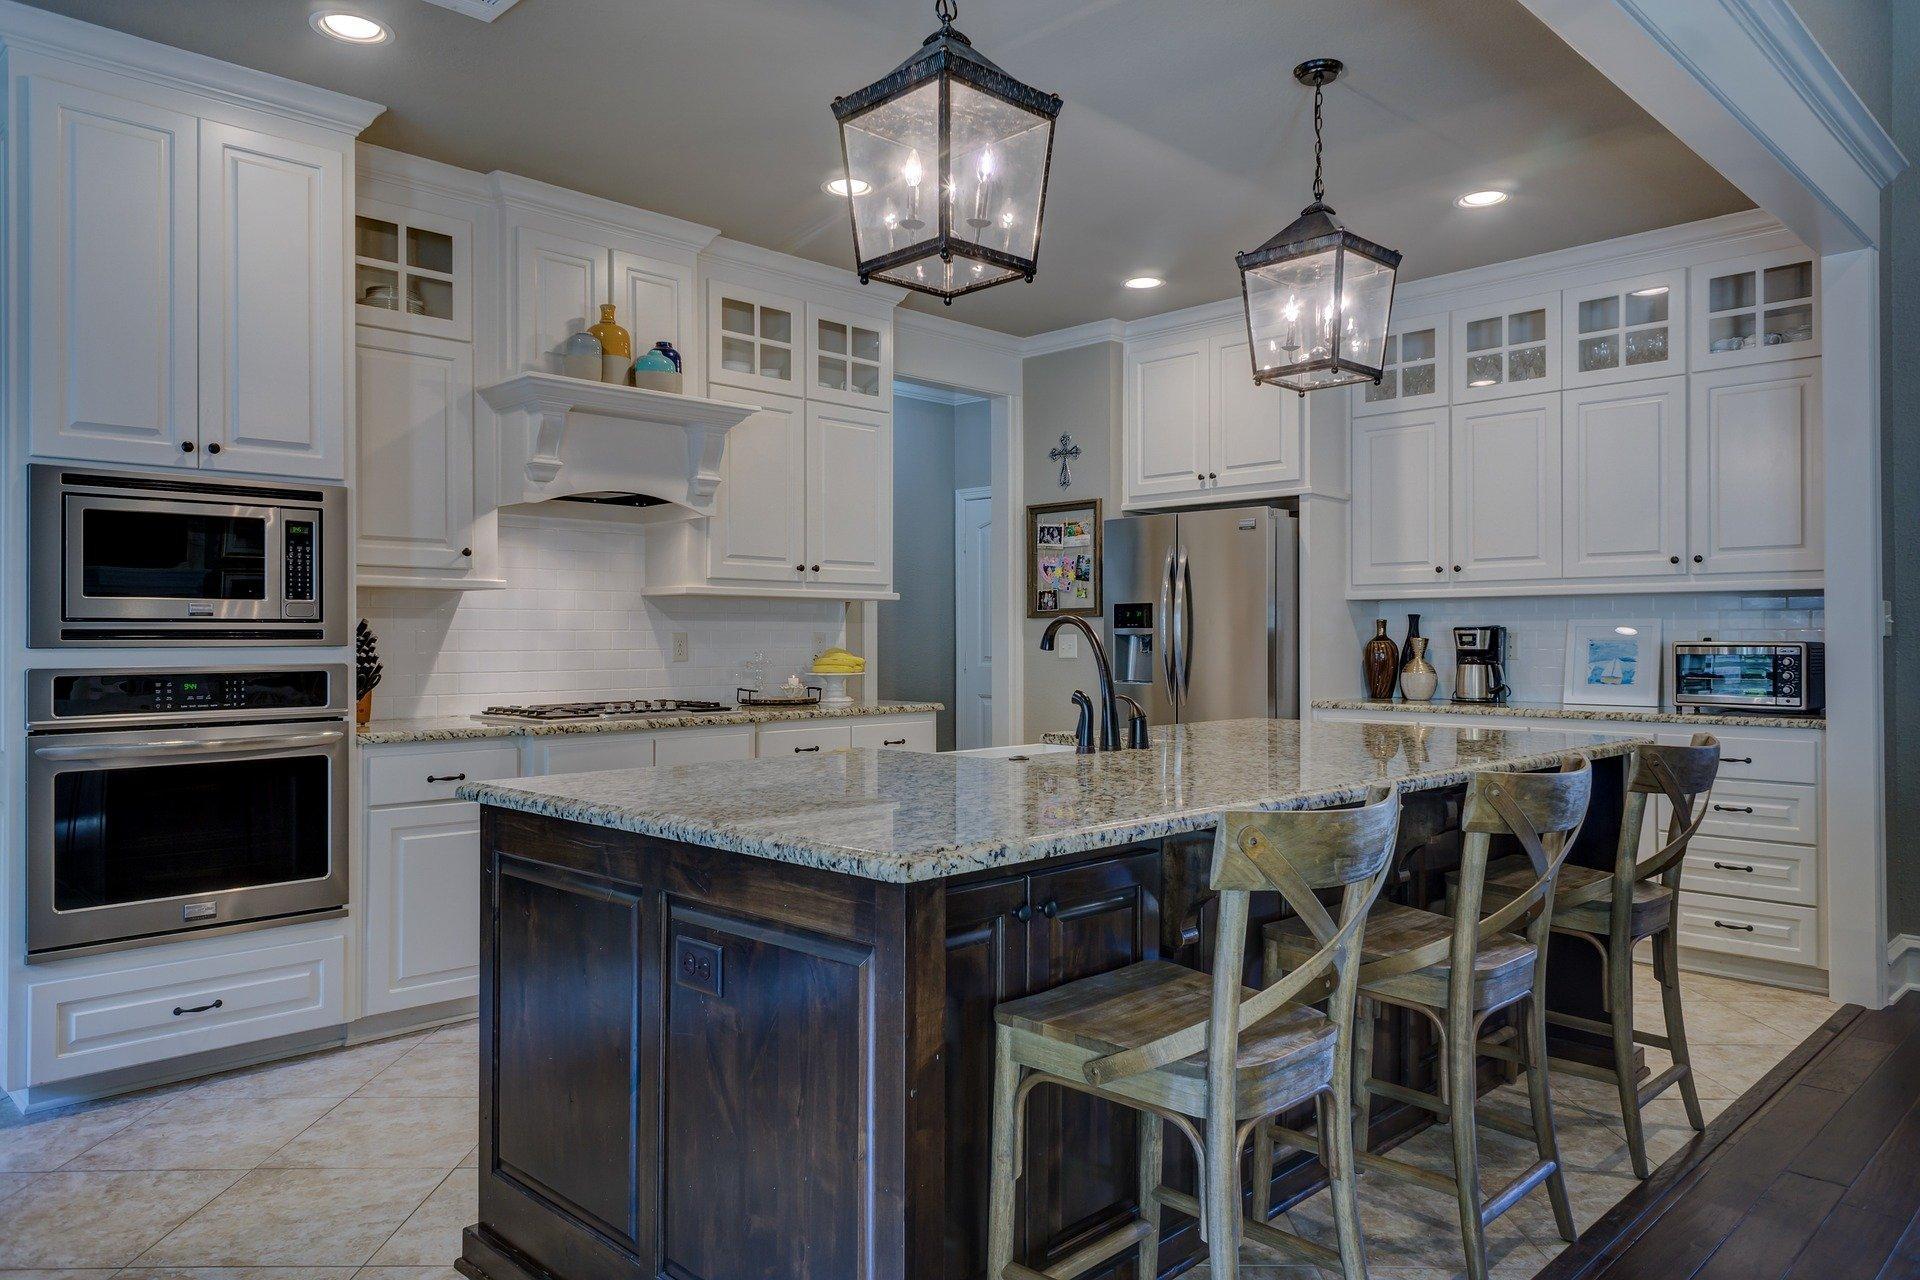 Küchenarbeitsplatte reinigen - Tipps und Tricks zur Reinigung